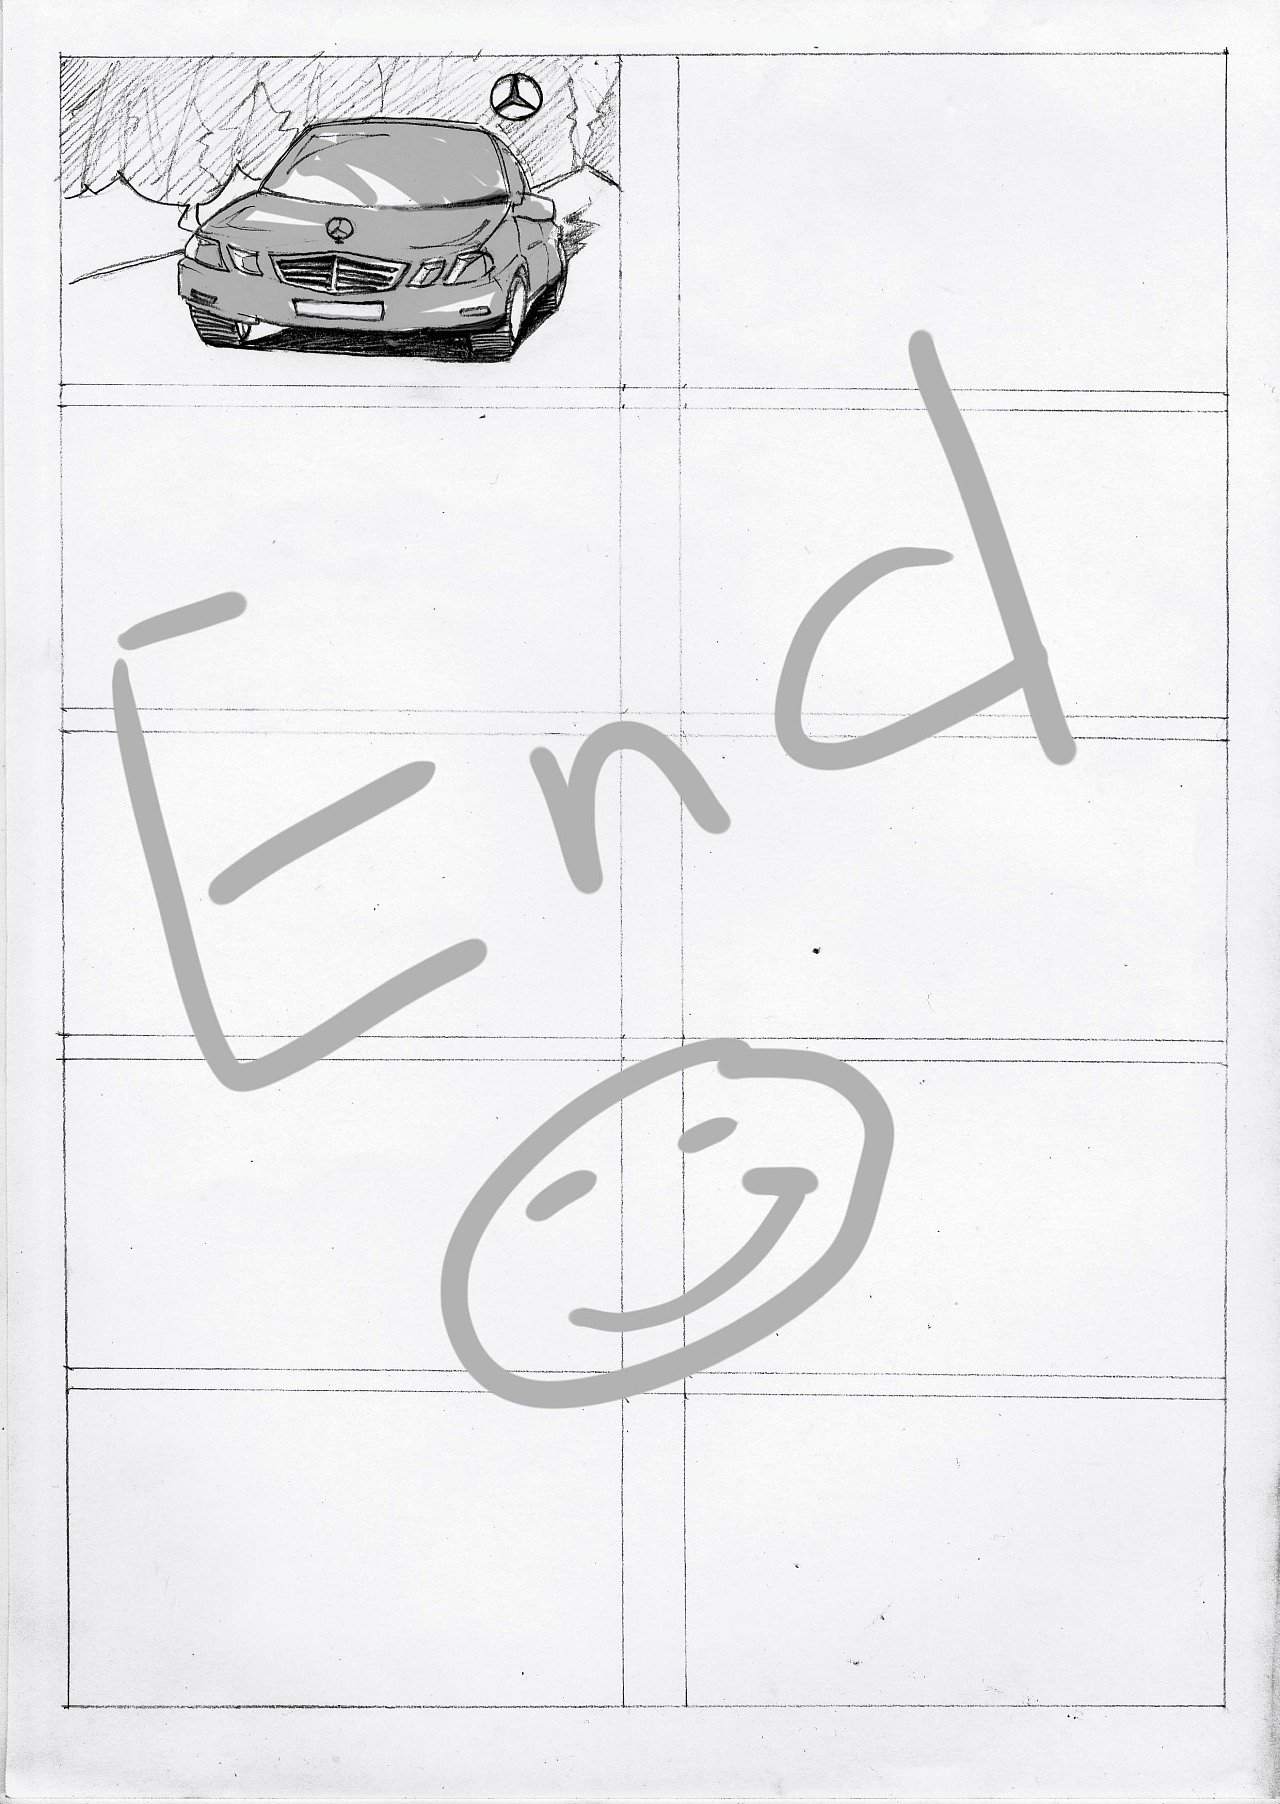 工程图 简笔画 平面图 手绘 线稿 1280_1804 竖版 竖屏